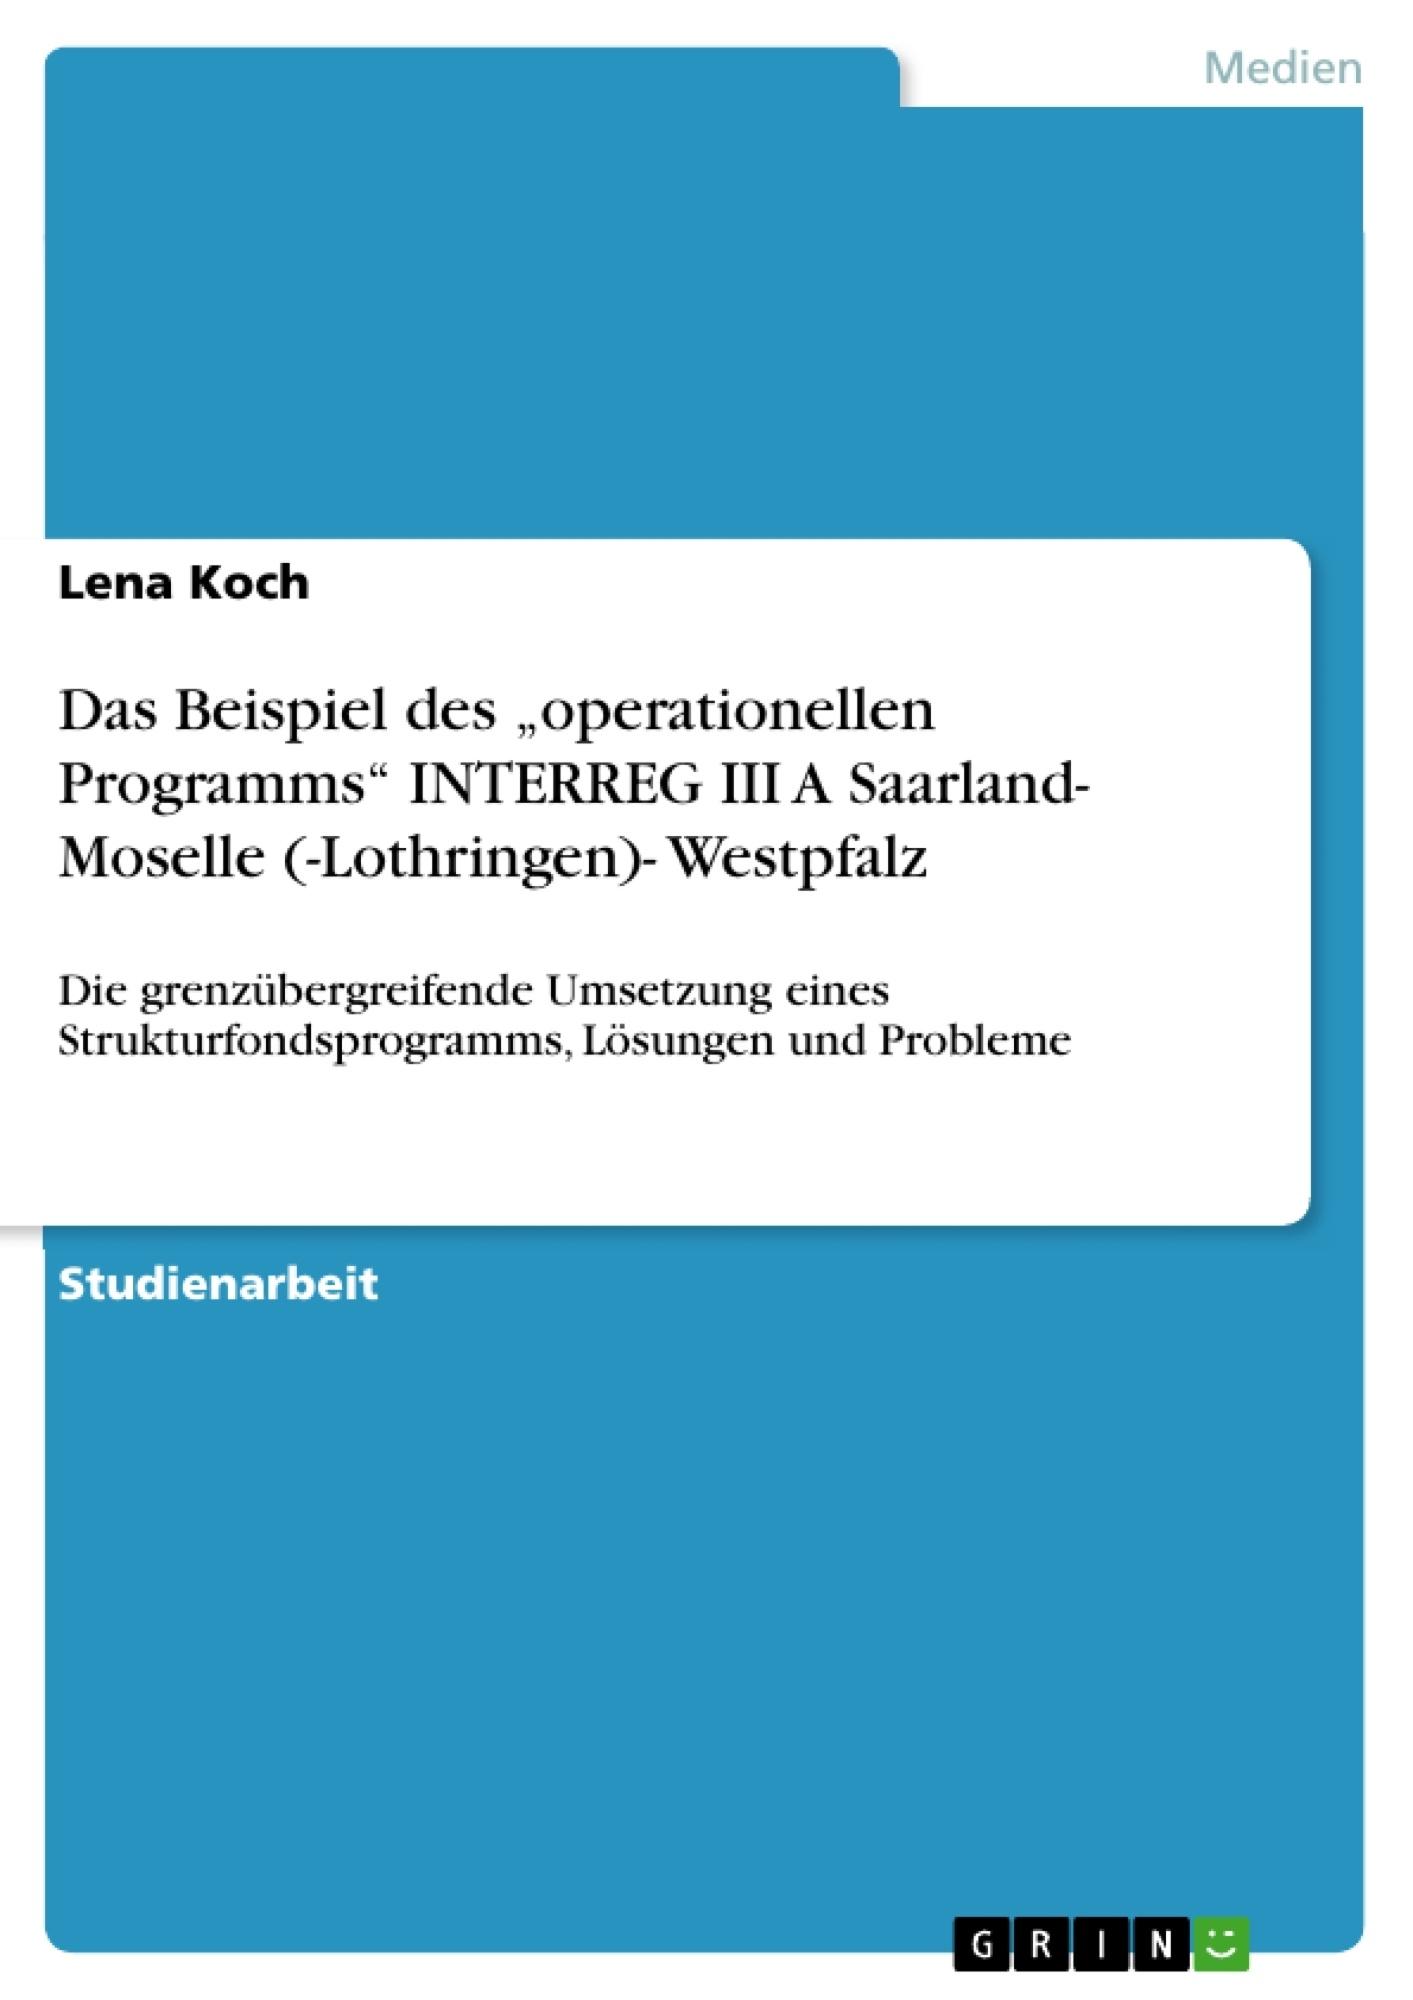 """Titel: Das Beispiel des """"operationellen Programms"""" INTERREG III A Saarland- Moselle (-Lothringen)- Westpfalz"""